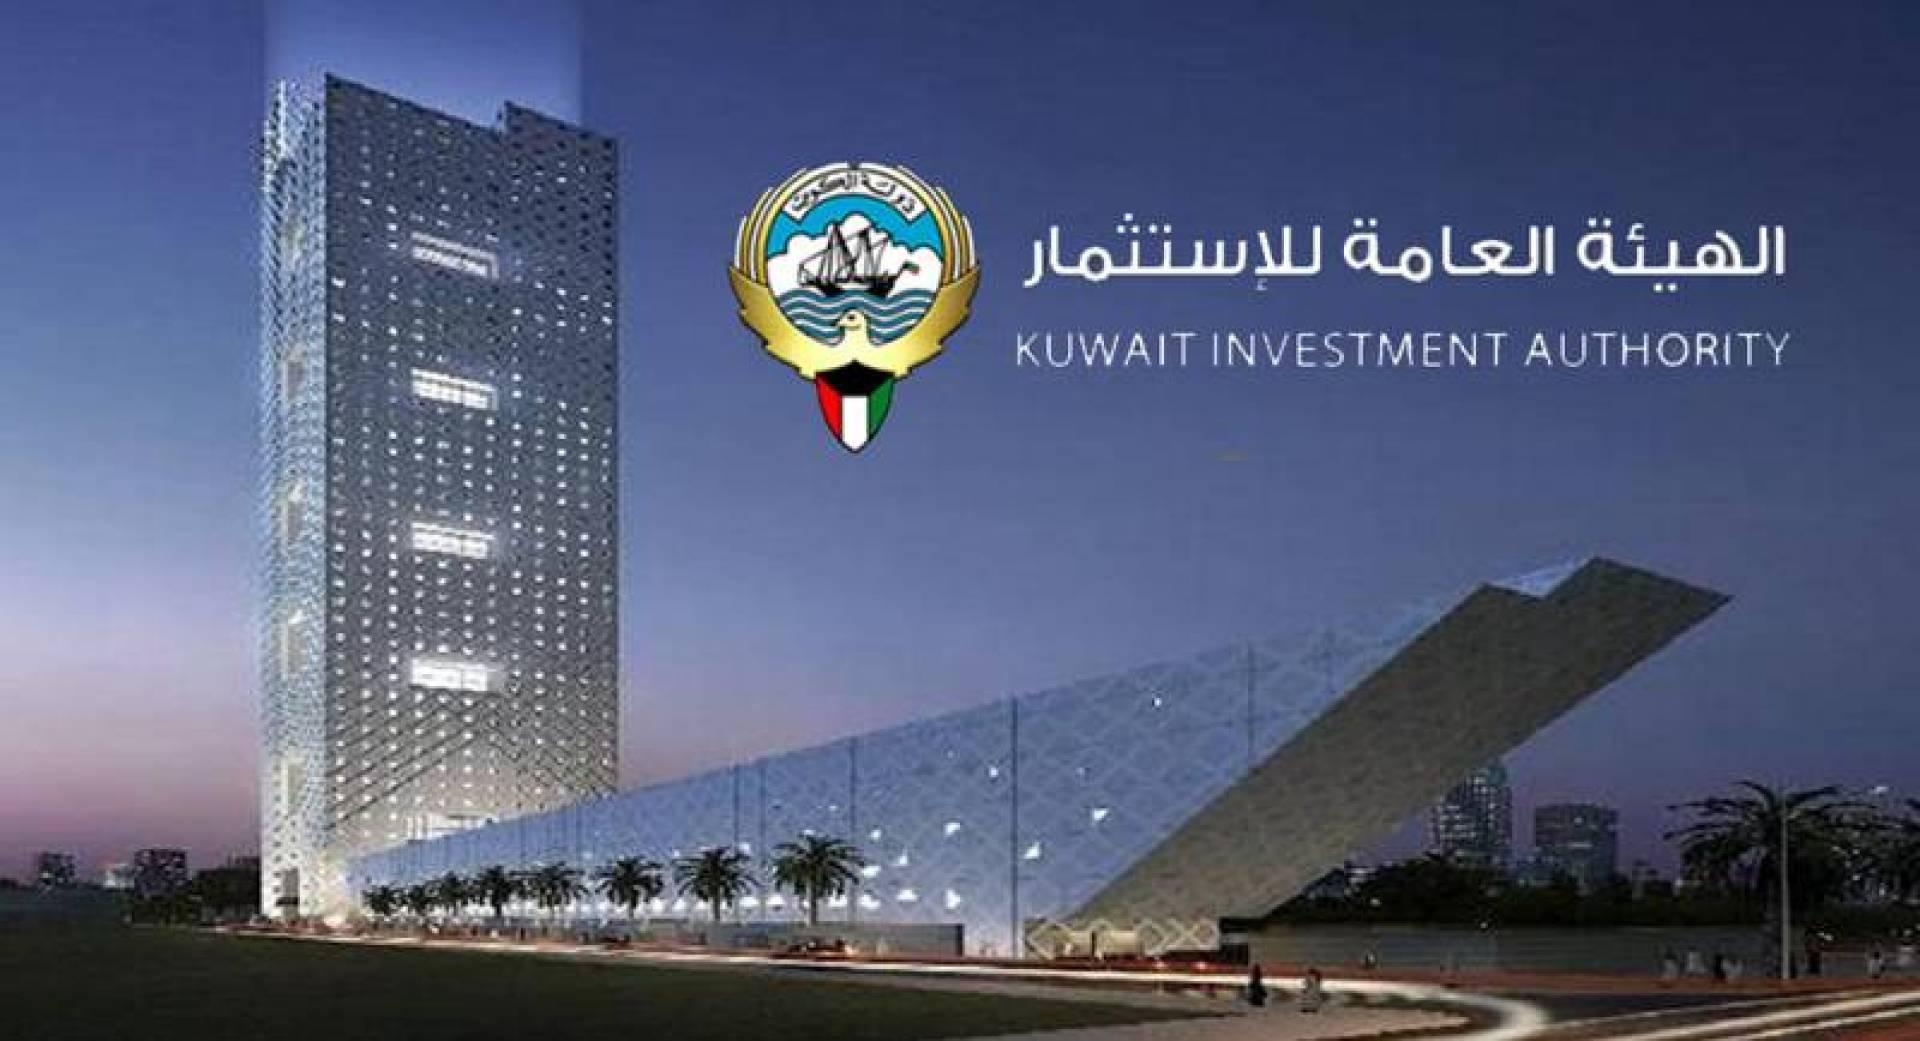 «هيئة الاستثمار» تضخ 1.8 مليون دولار في «راوت» الهندية